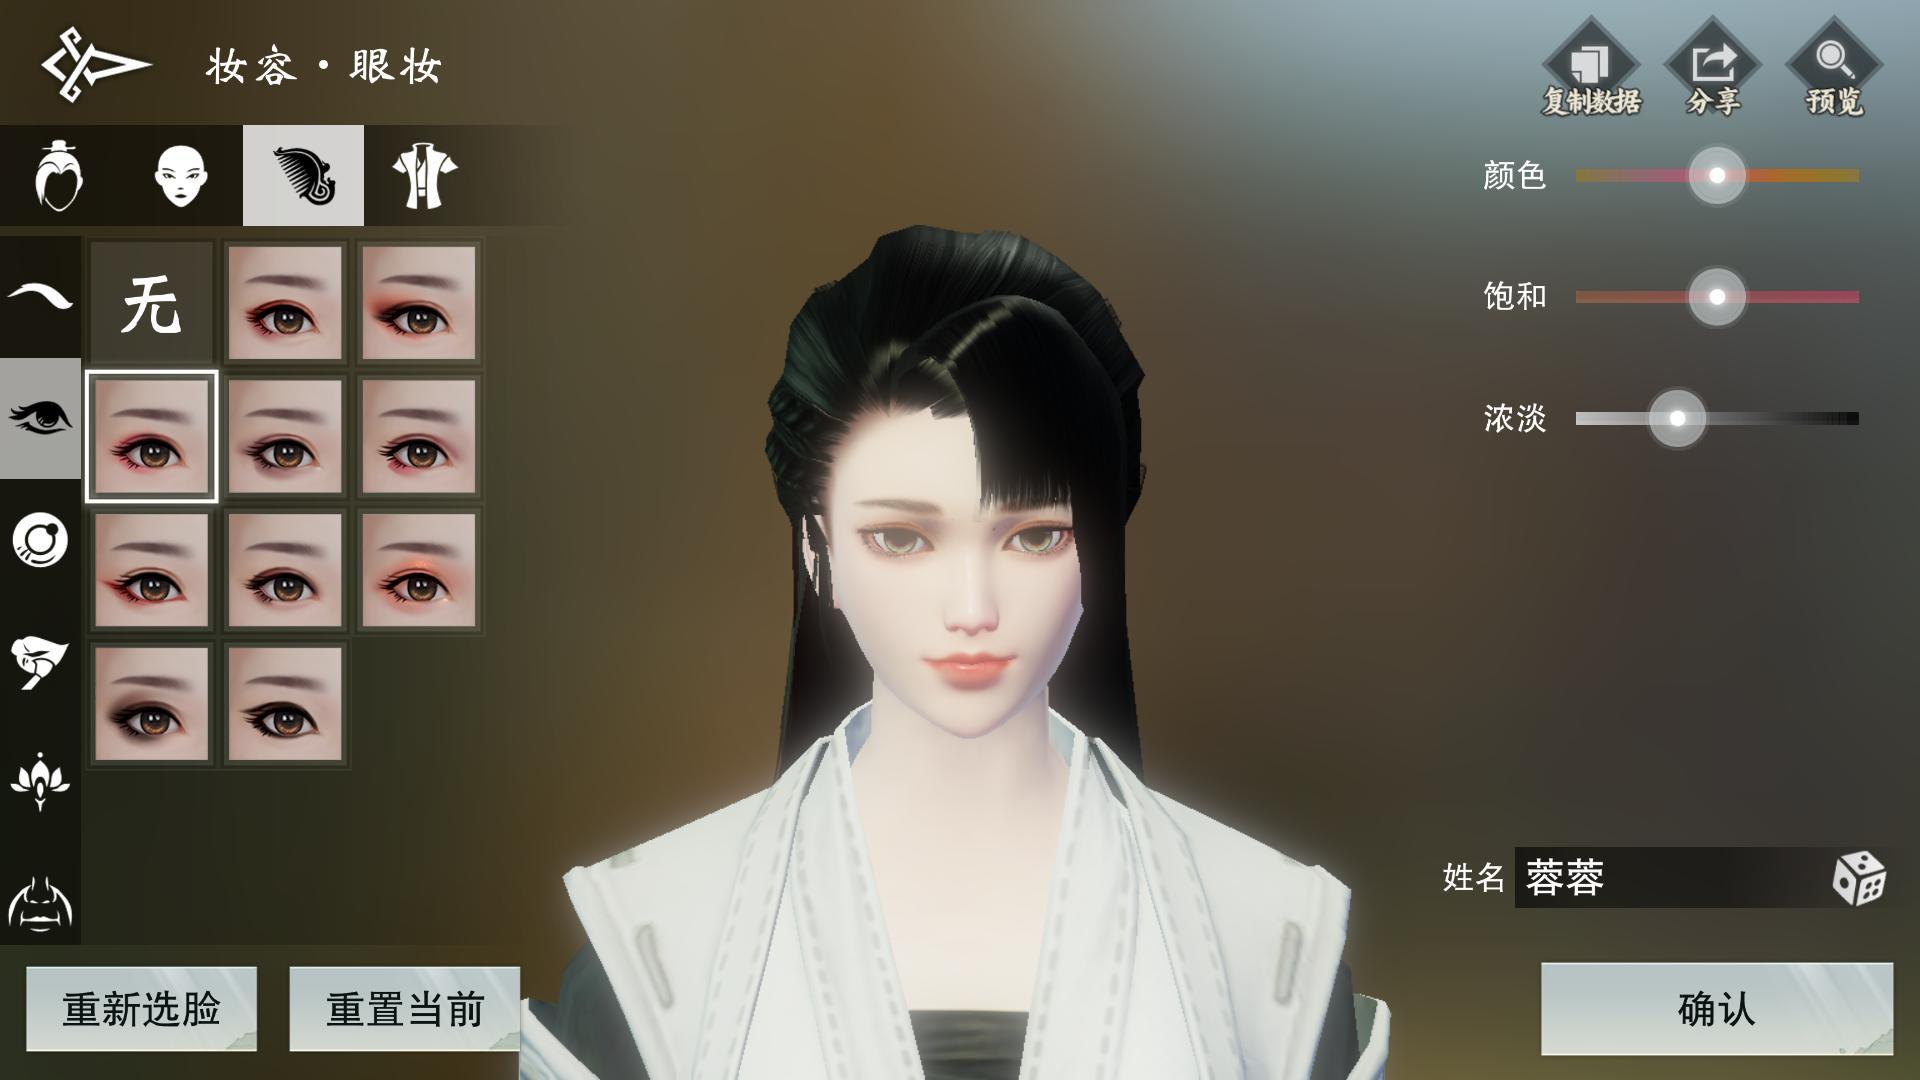 新版捏脸分享一个蓉蓉